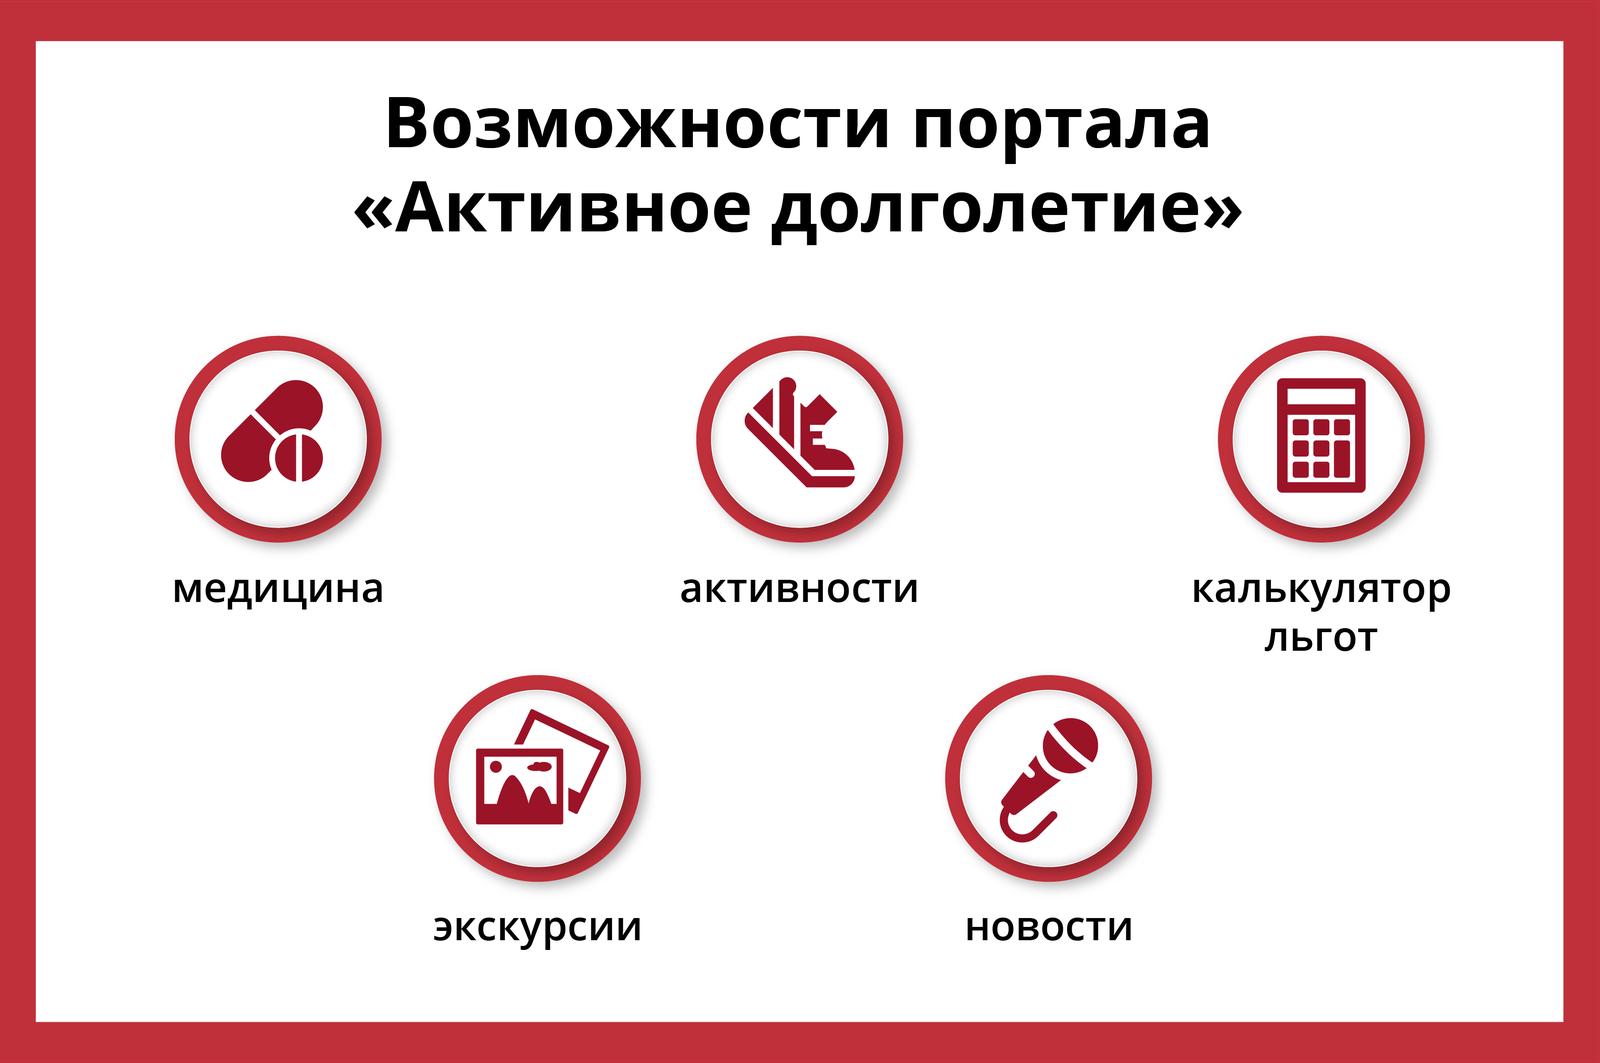 Андрей Воробьев губернатор московской области - С заботой о старших: программу «Активного долголетия» обсудили на заседании правительства